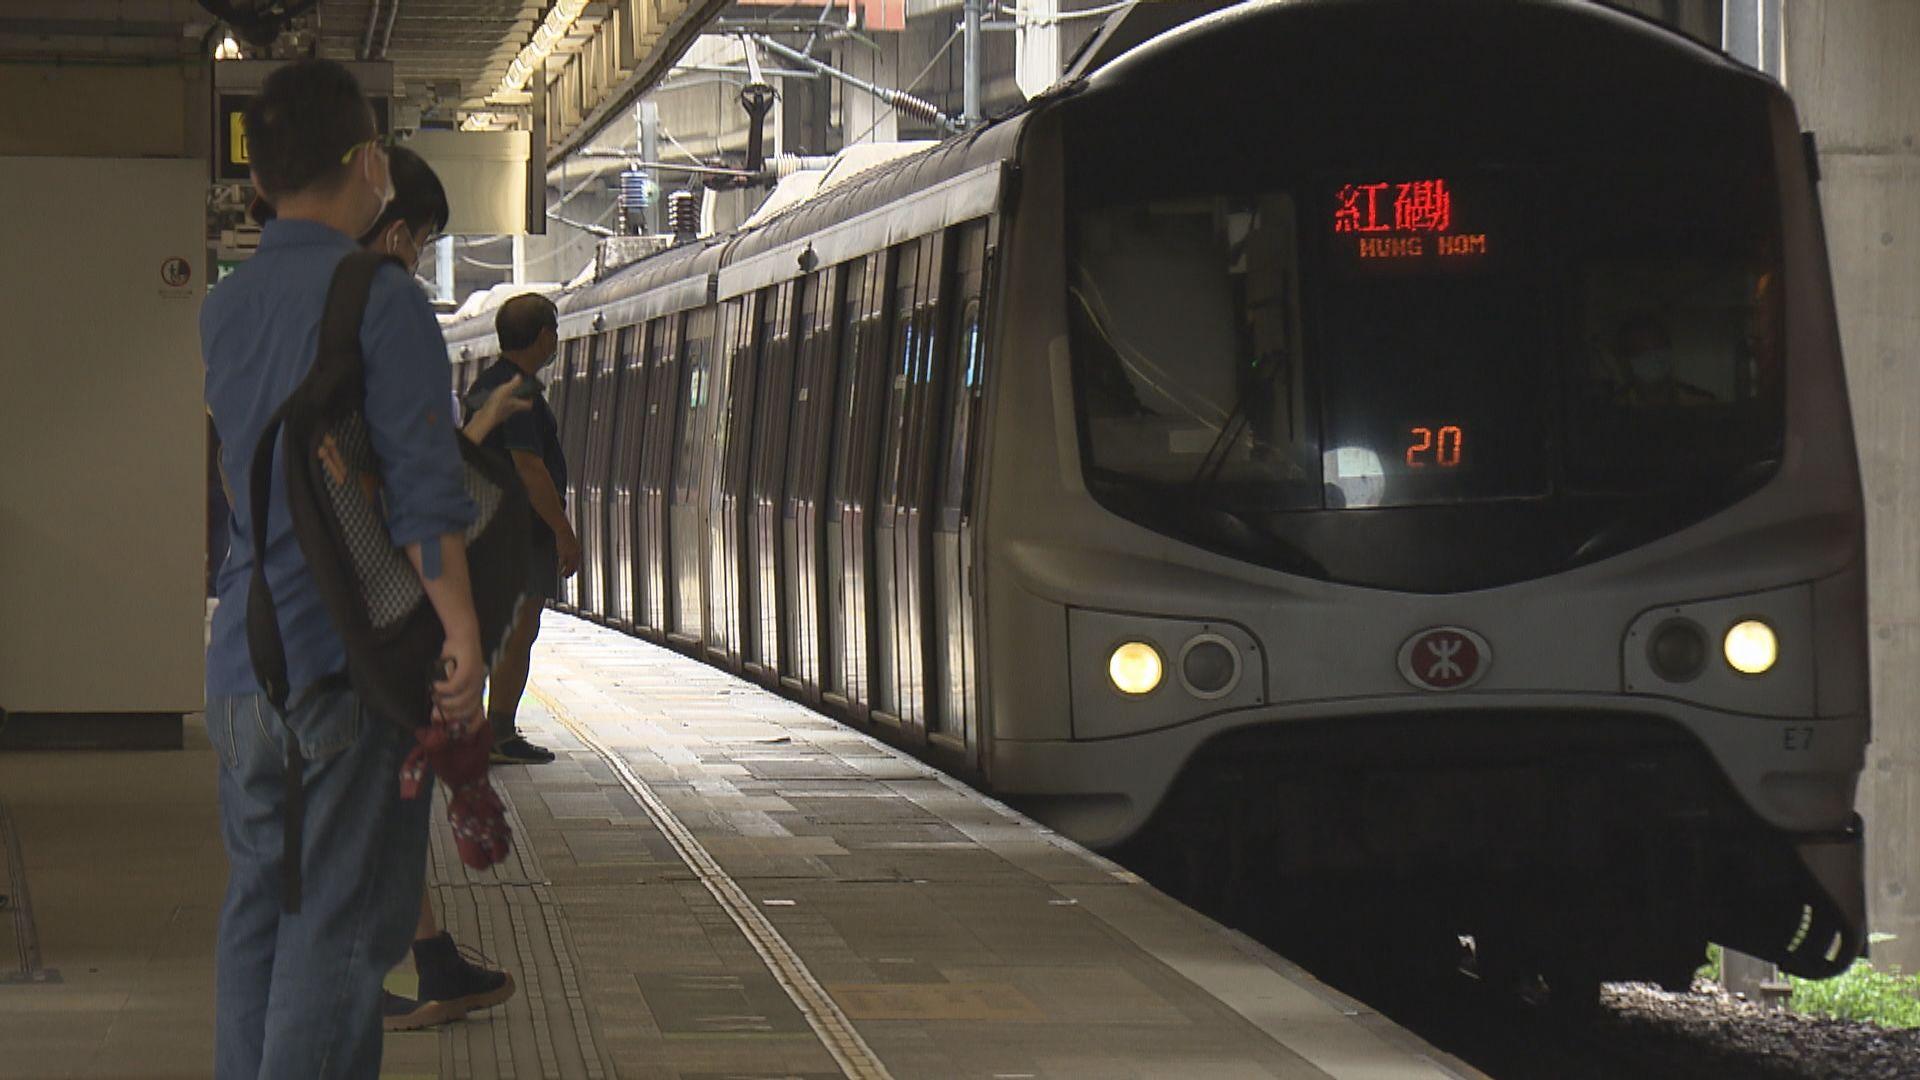 東鐵綫新信號系統明投入服務 12卡及9卡車混合運行